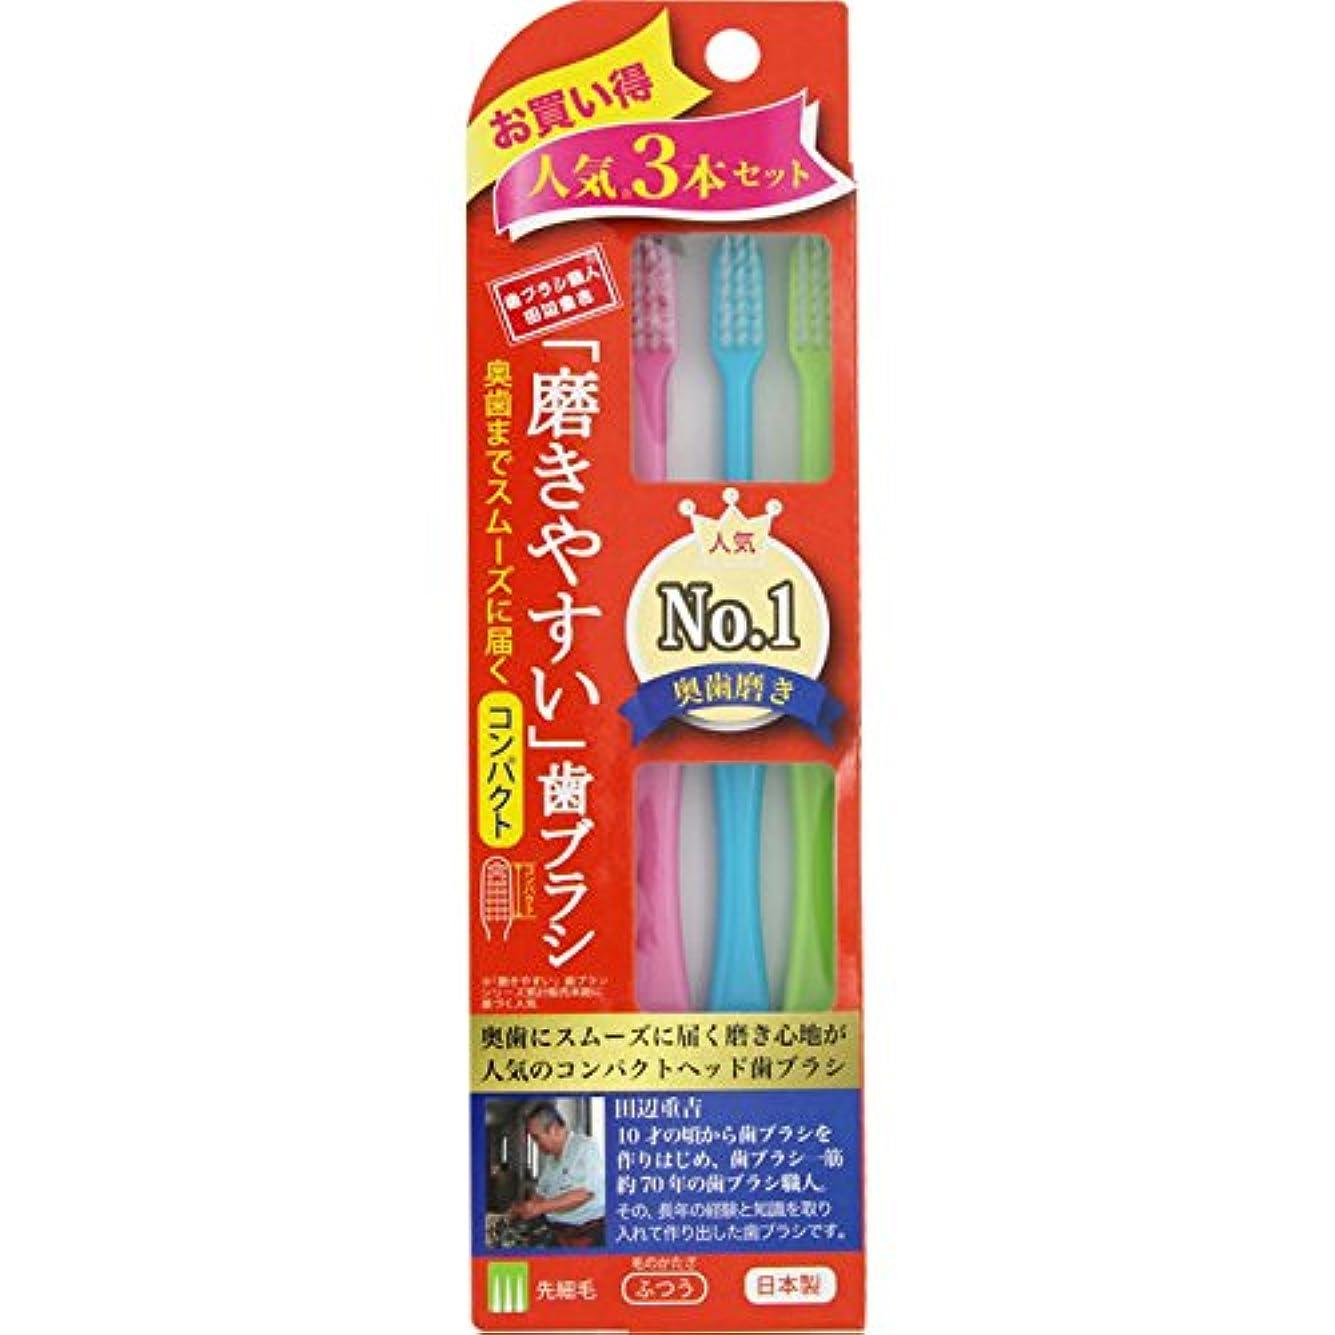 センチメンタル前述の順番磨きやすい歯ブラシ 先細毛 コンパクト 3本組